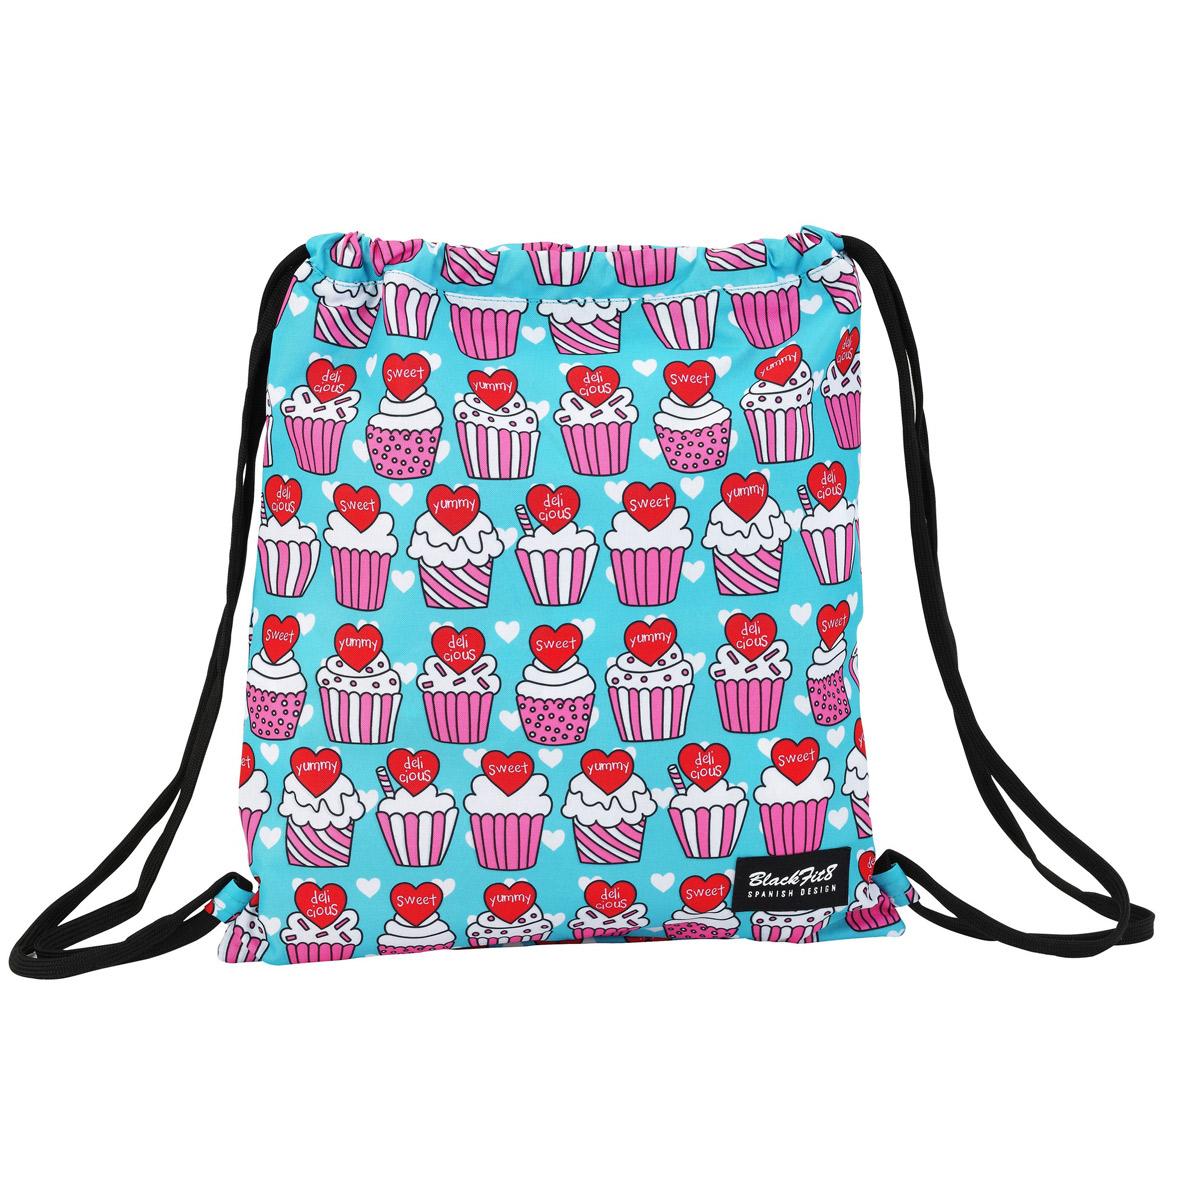 Blackfit8 Yummy Cupcake Drawstring Bag – image 1